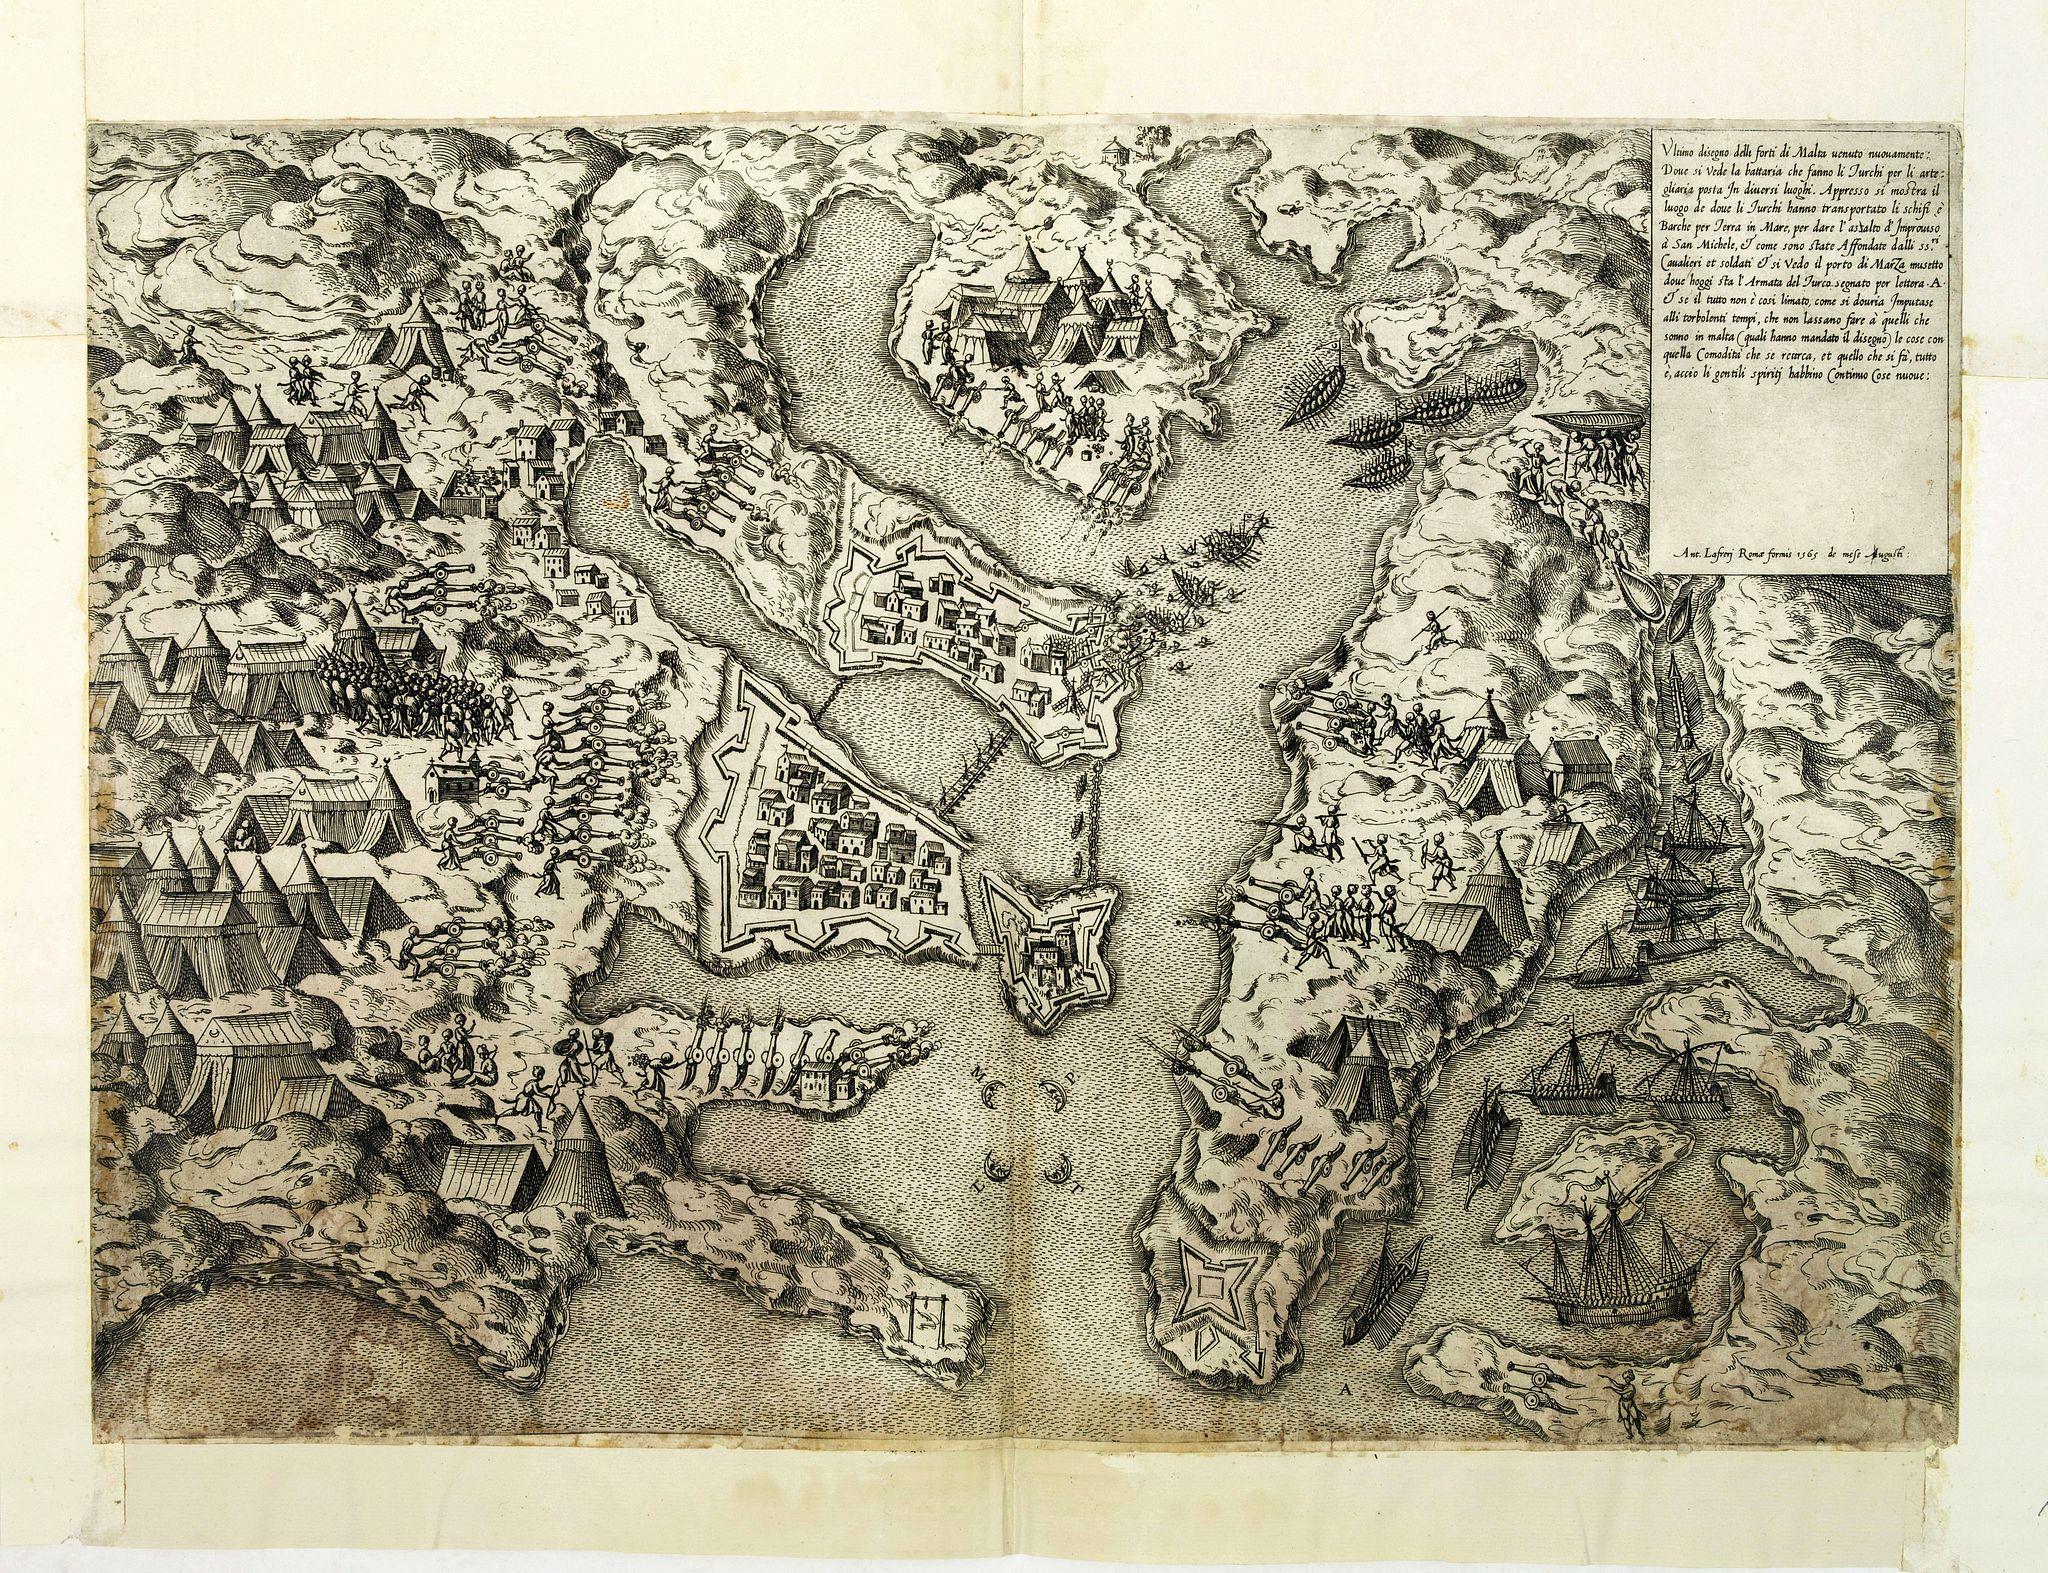 LAFRERI,  Ultimo disegno delli forti di Malta uenuto novamente. . . Ant. Lafrerj Romae formis 1565 de Mese Augusti., antique map, old maps